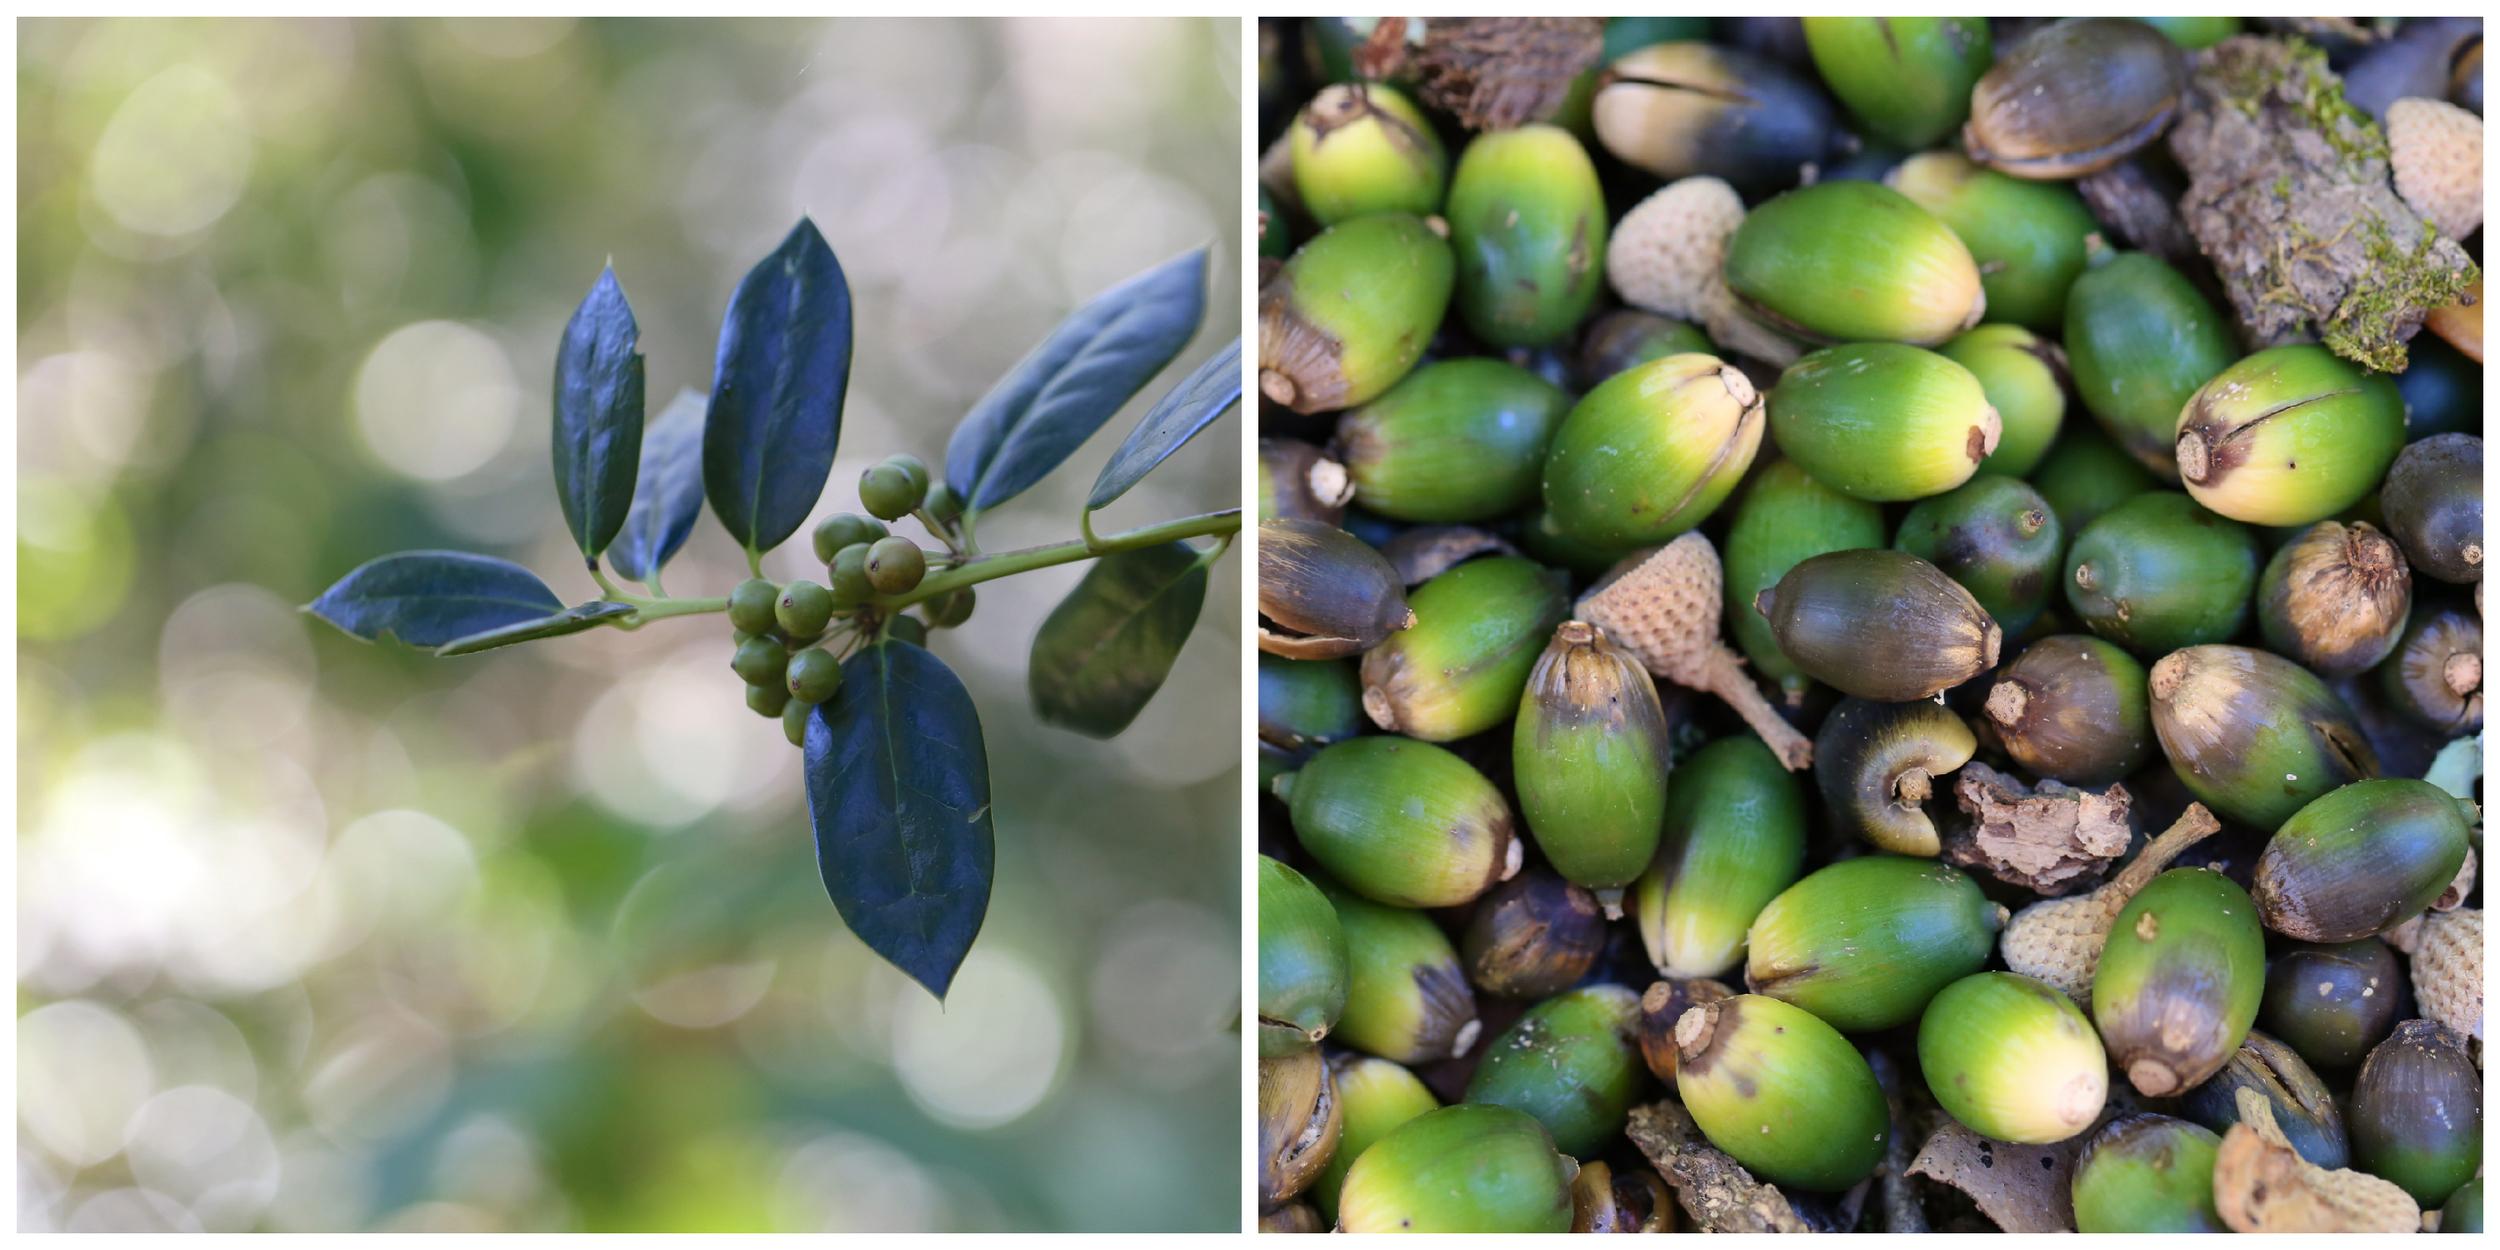 acorns and berries